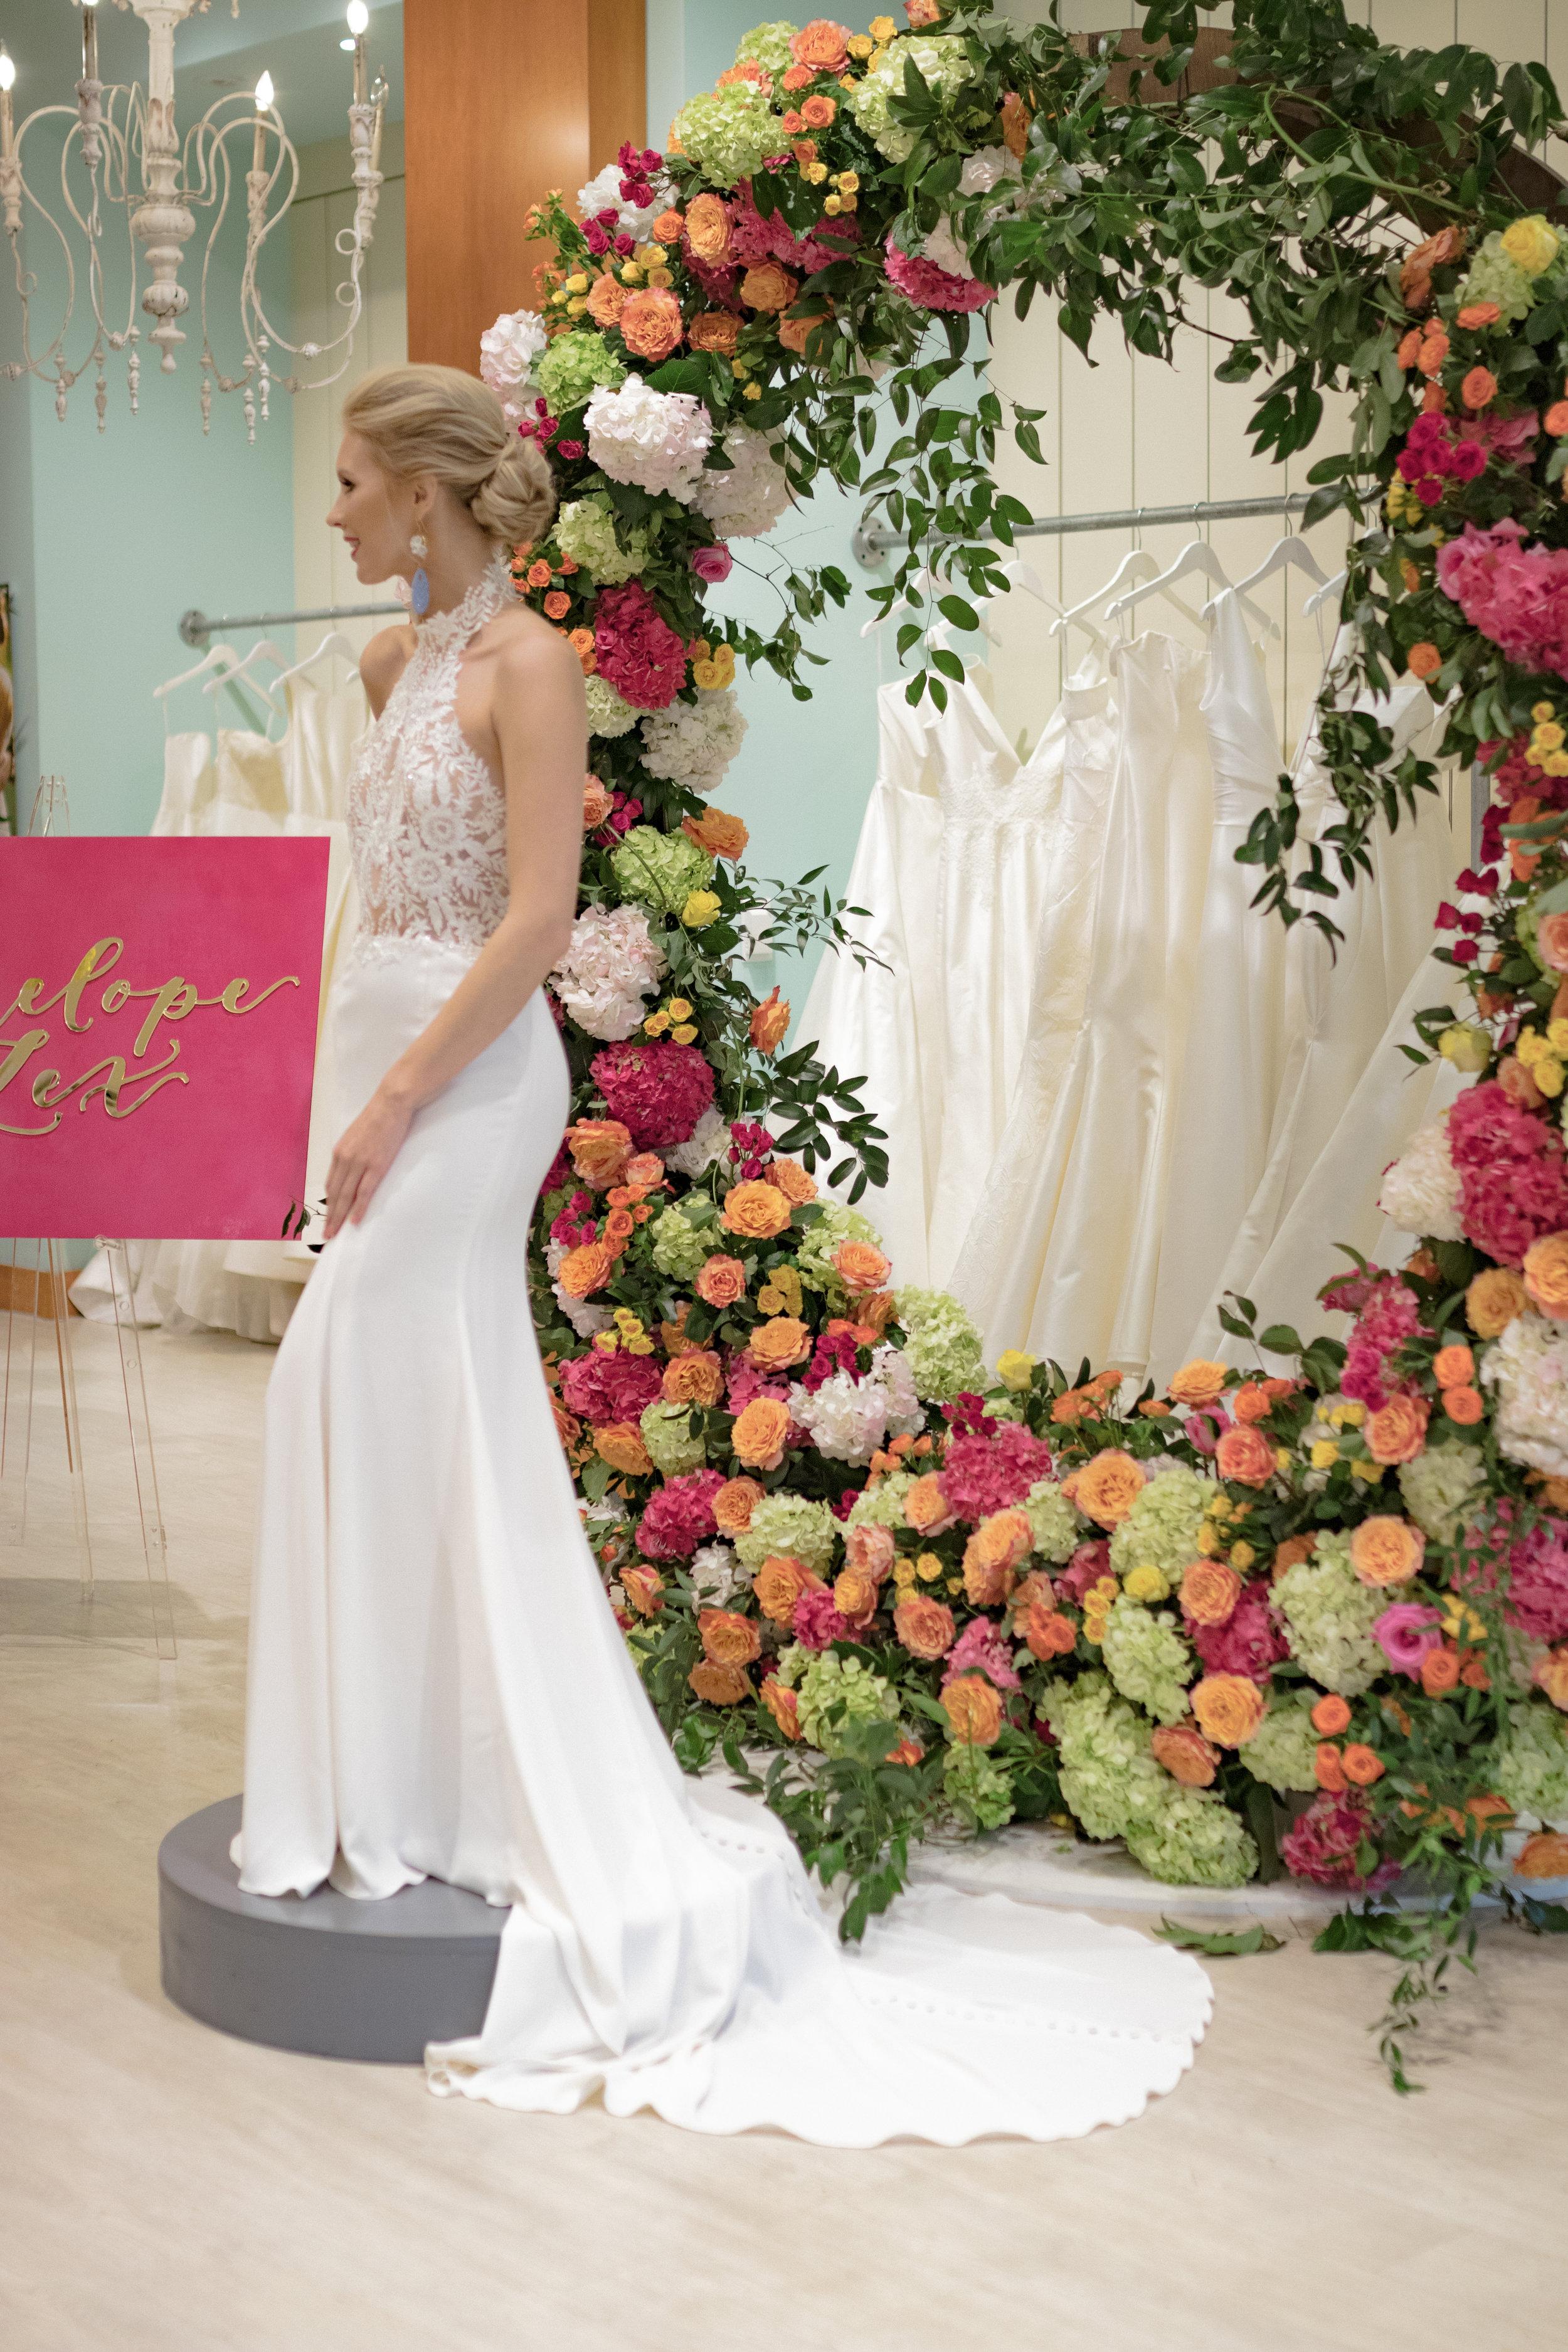 Meet Balii- Penelope + Lex Florals by: Lee Forrest Design